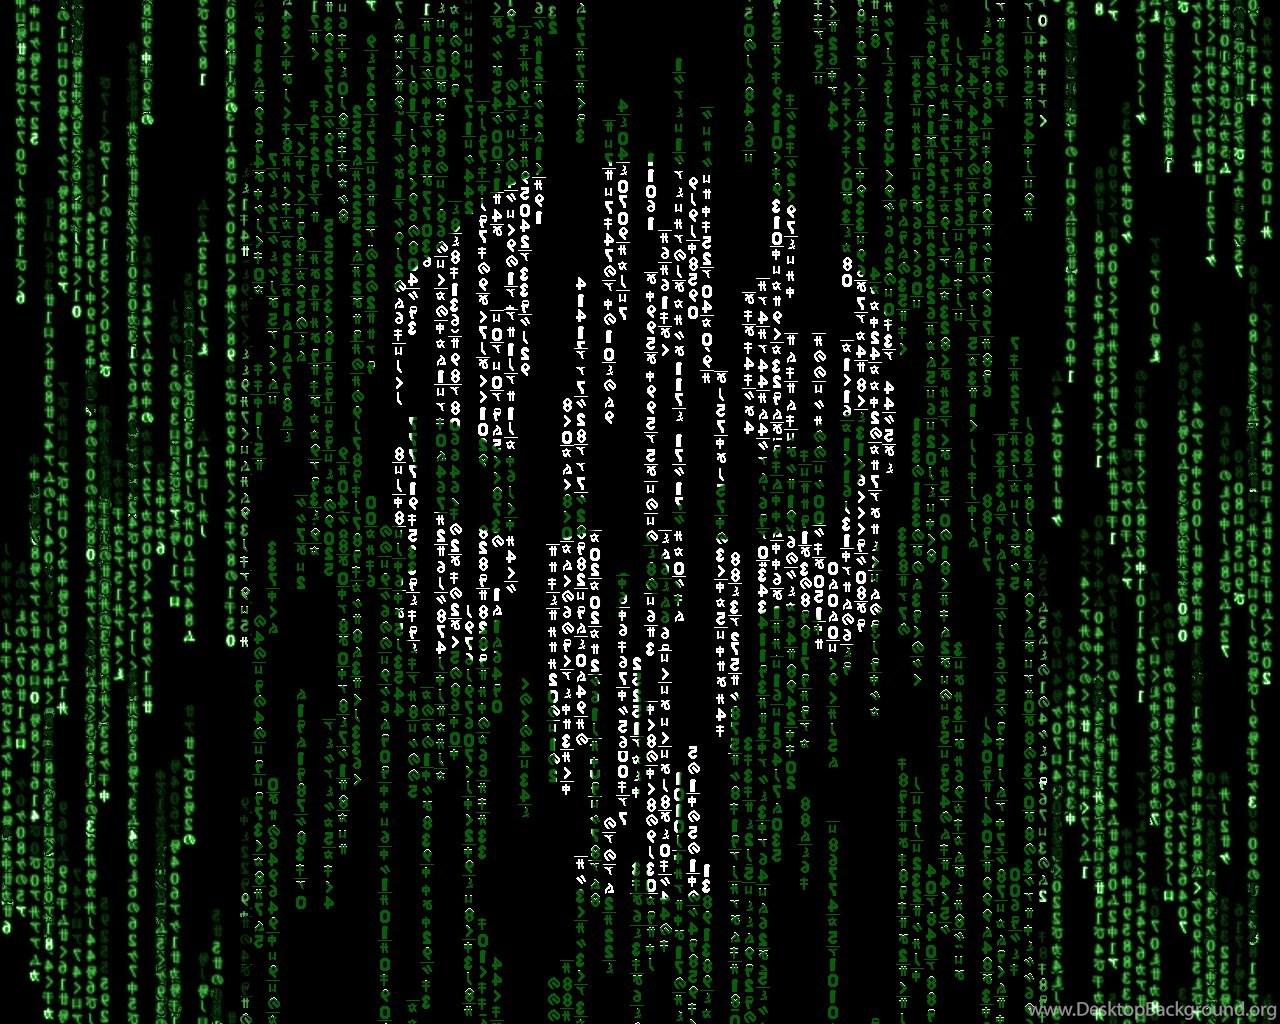 Top big screensaver download matrix code screensaver desktop background - Matrix wallpaper download free ...